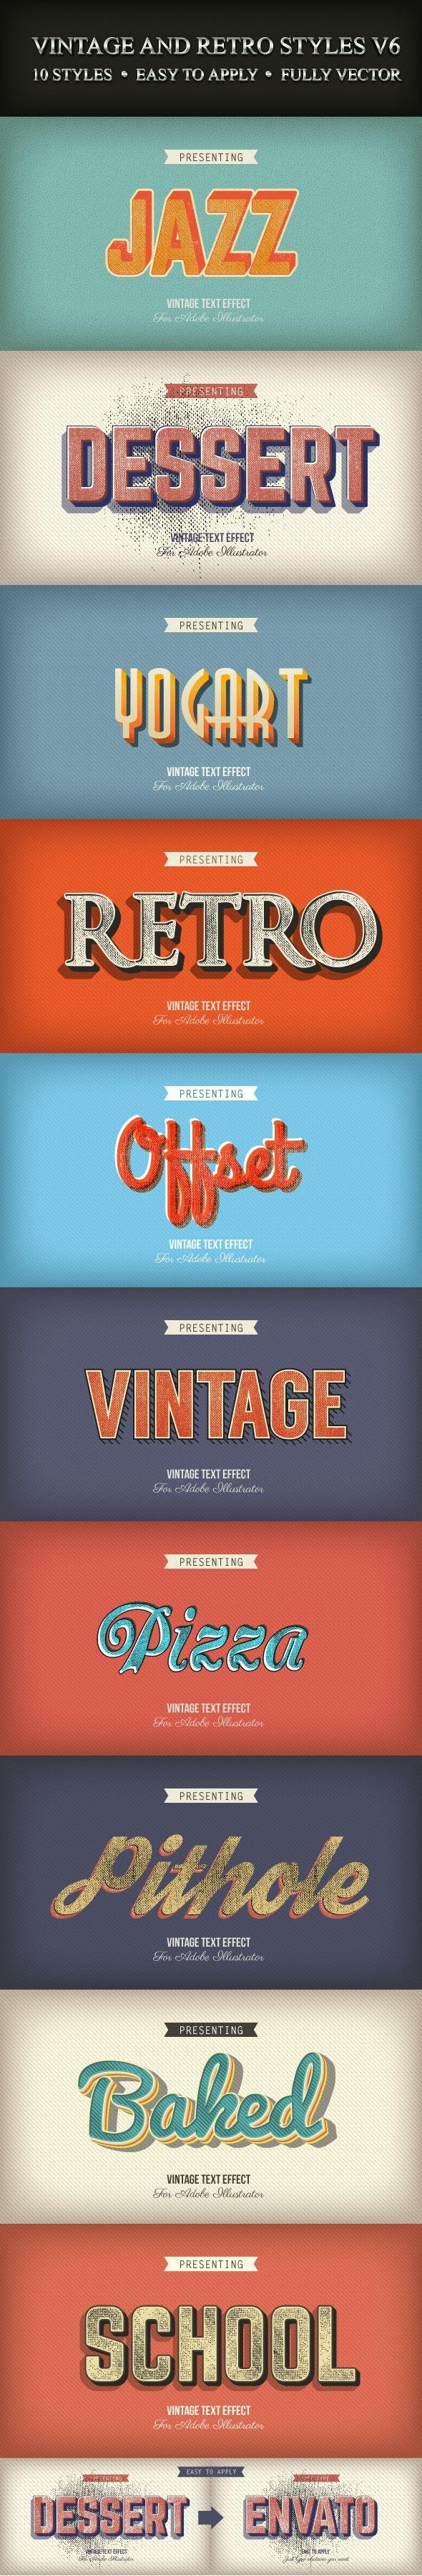 Vintage and Retro Styles V6 - Styles Illustrator